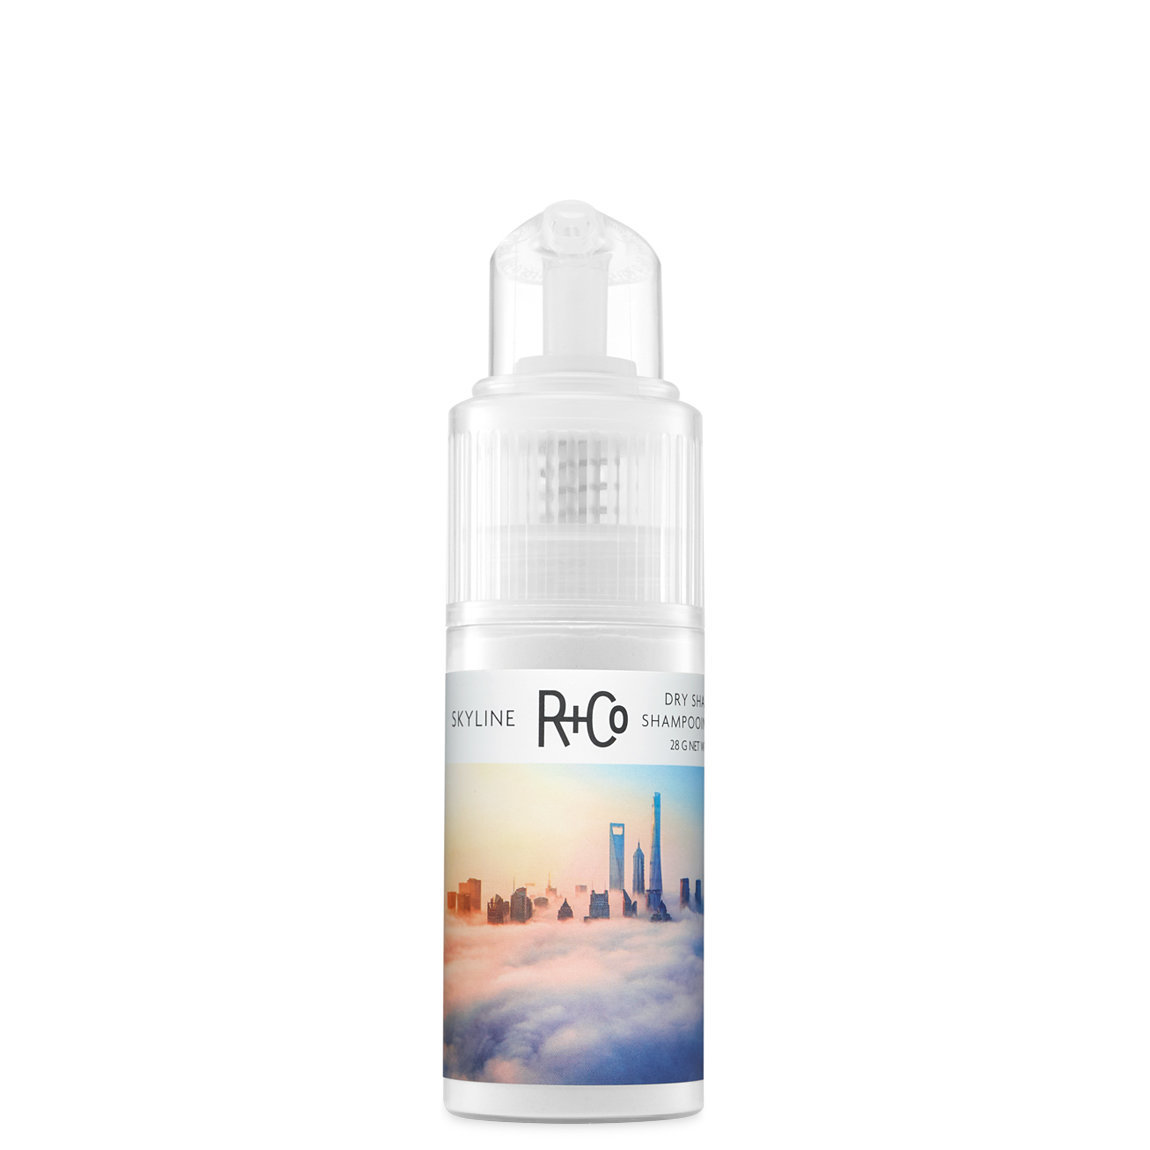 R+Co Skyline Dry Shampoo Powder alternative view 1 - product swatch.